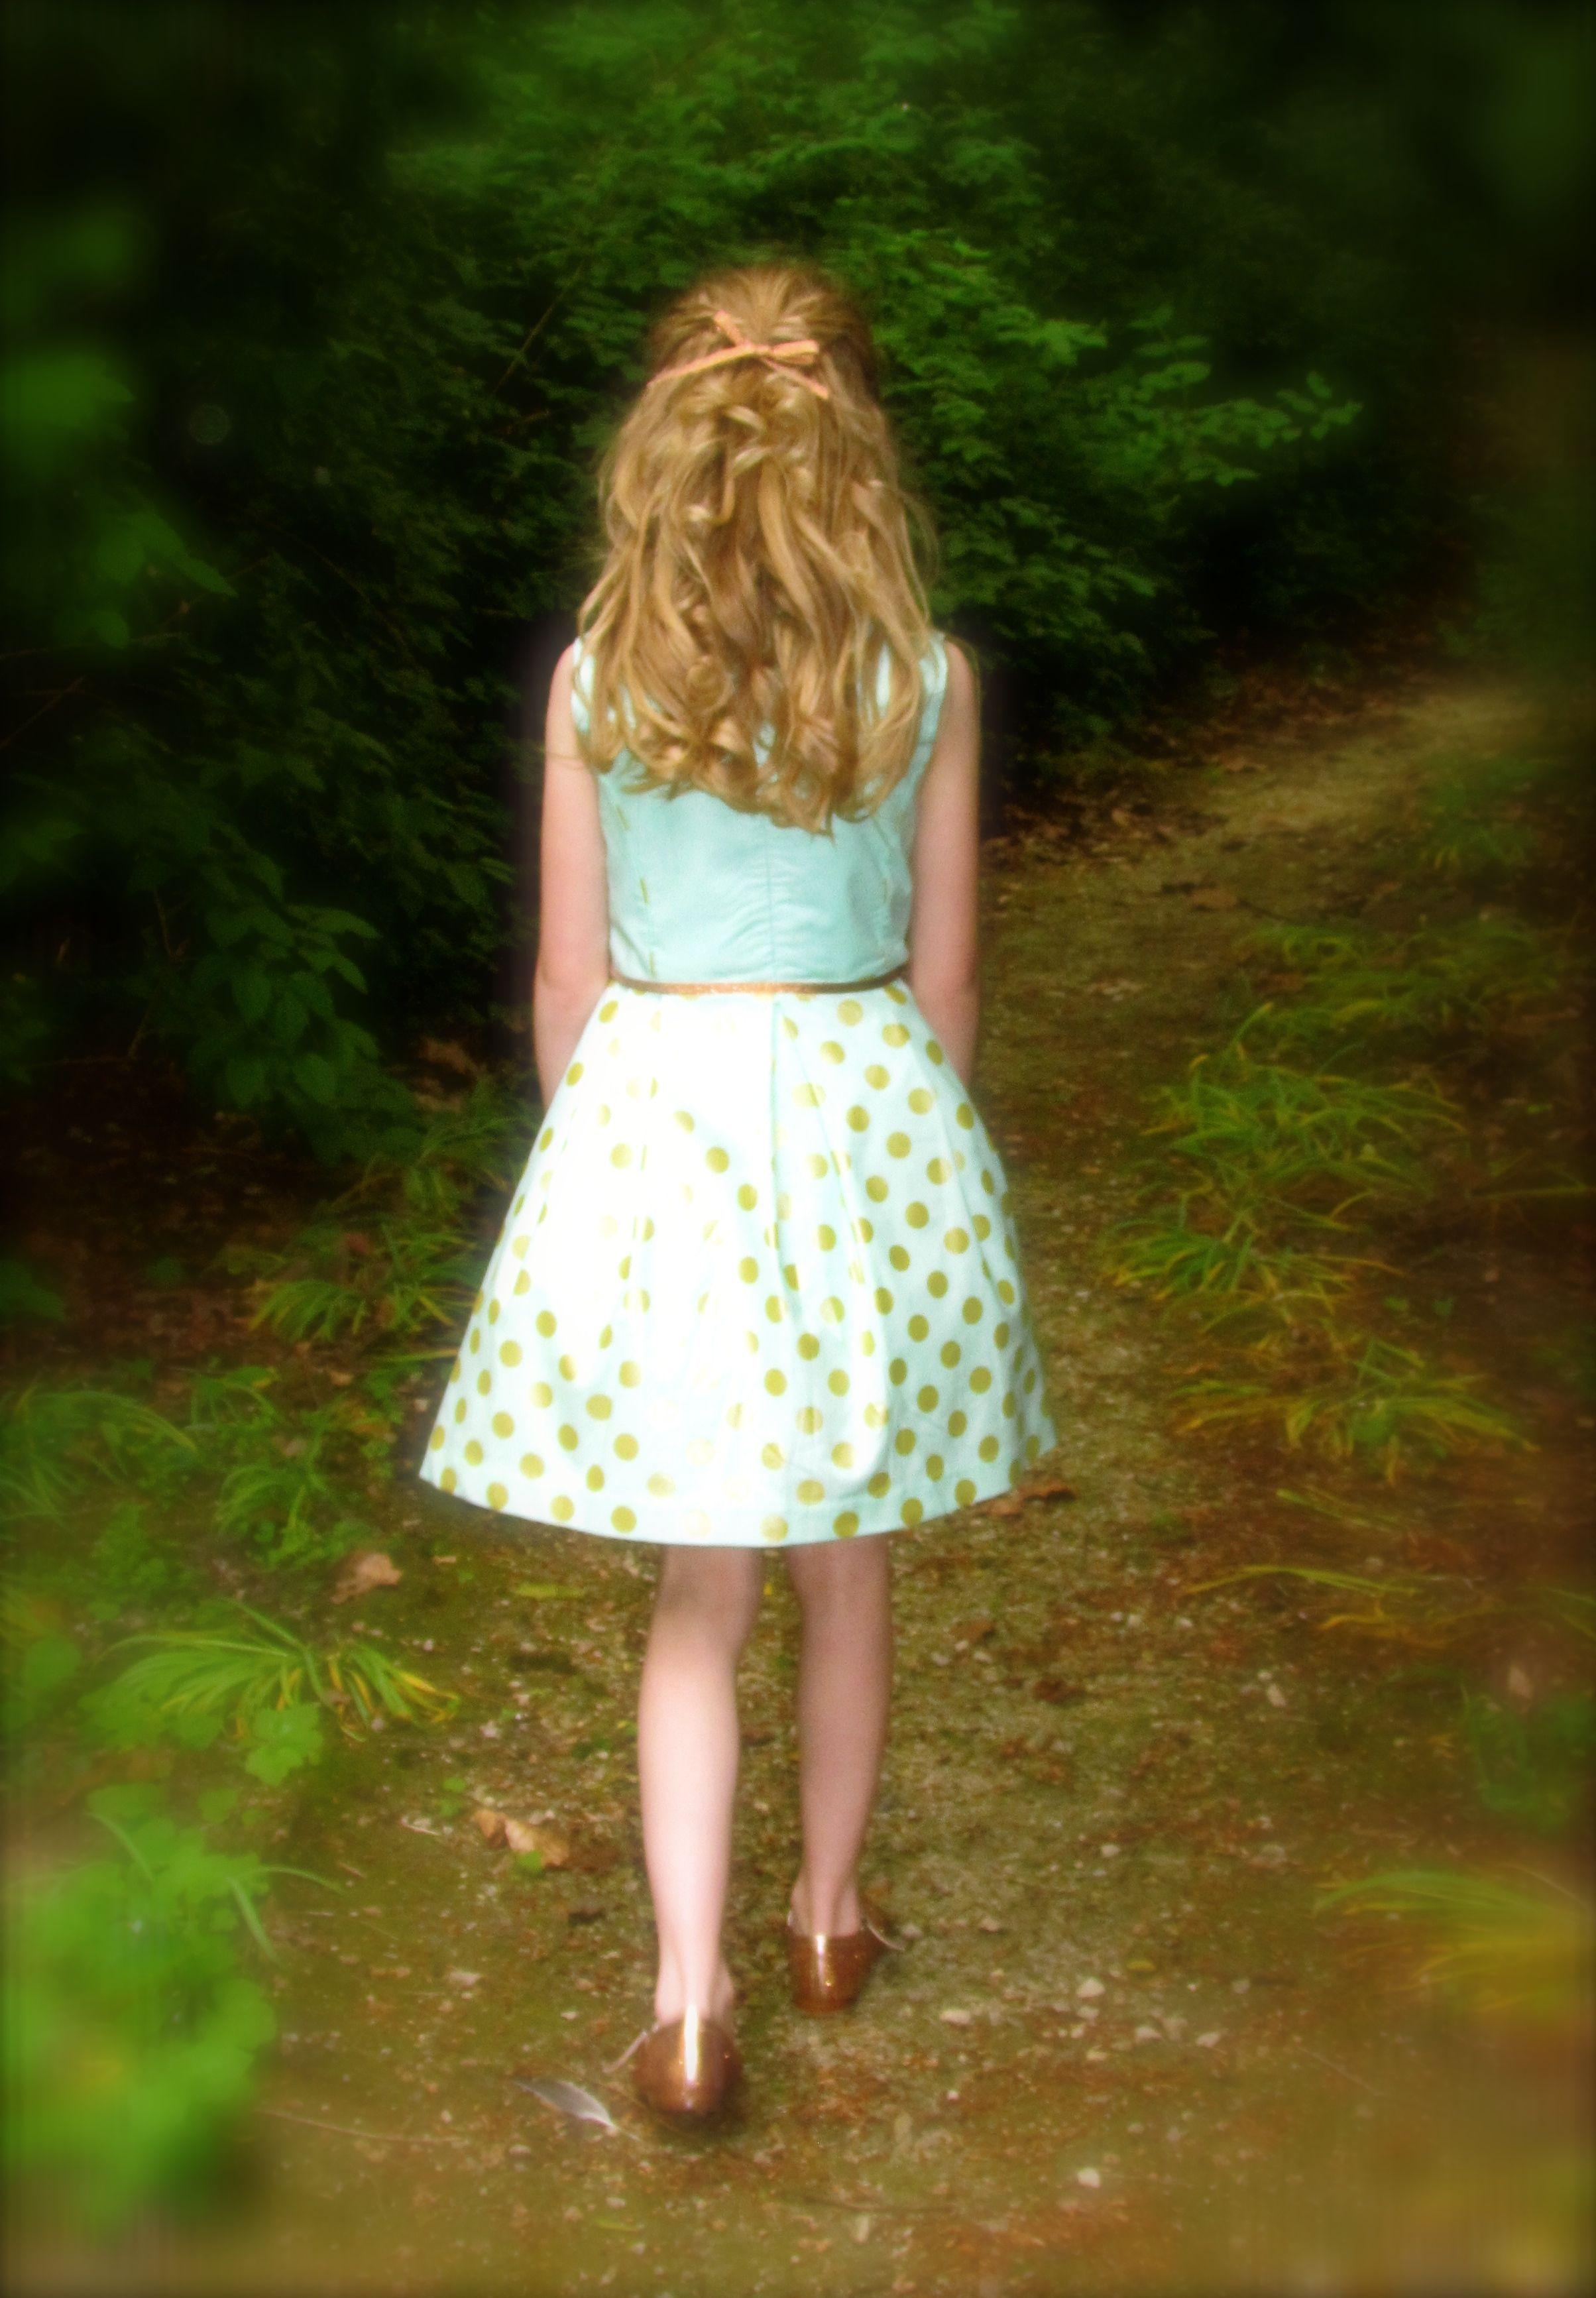 Haar kleed